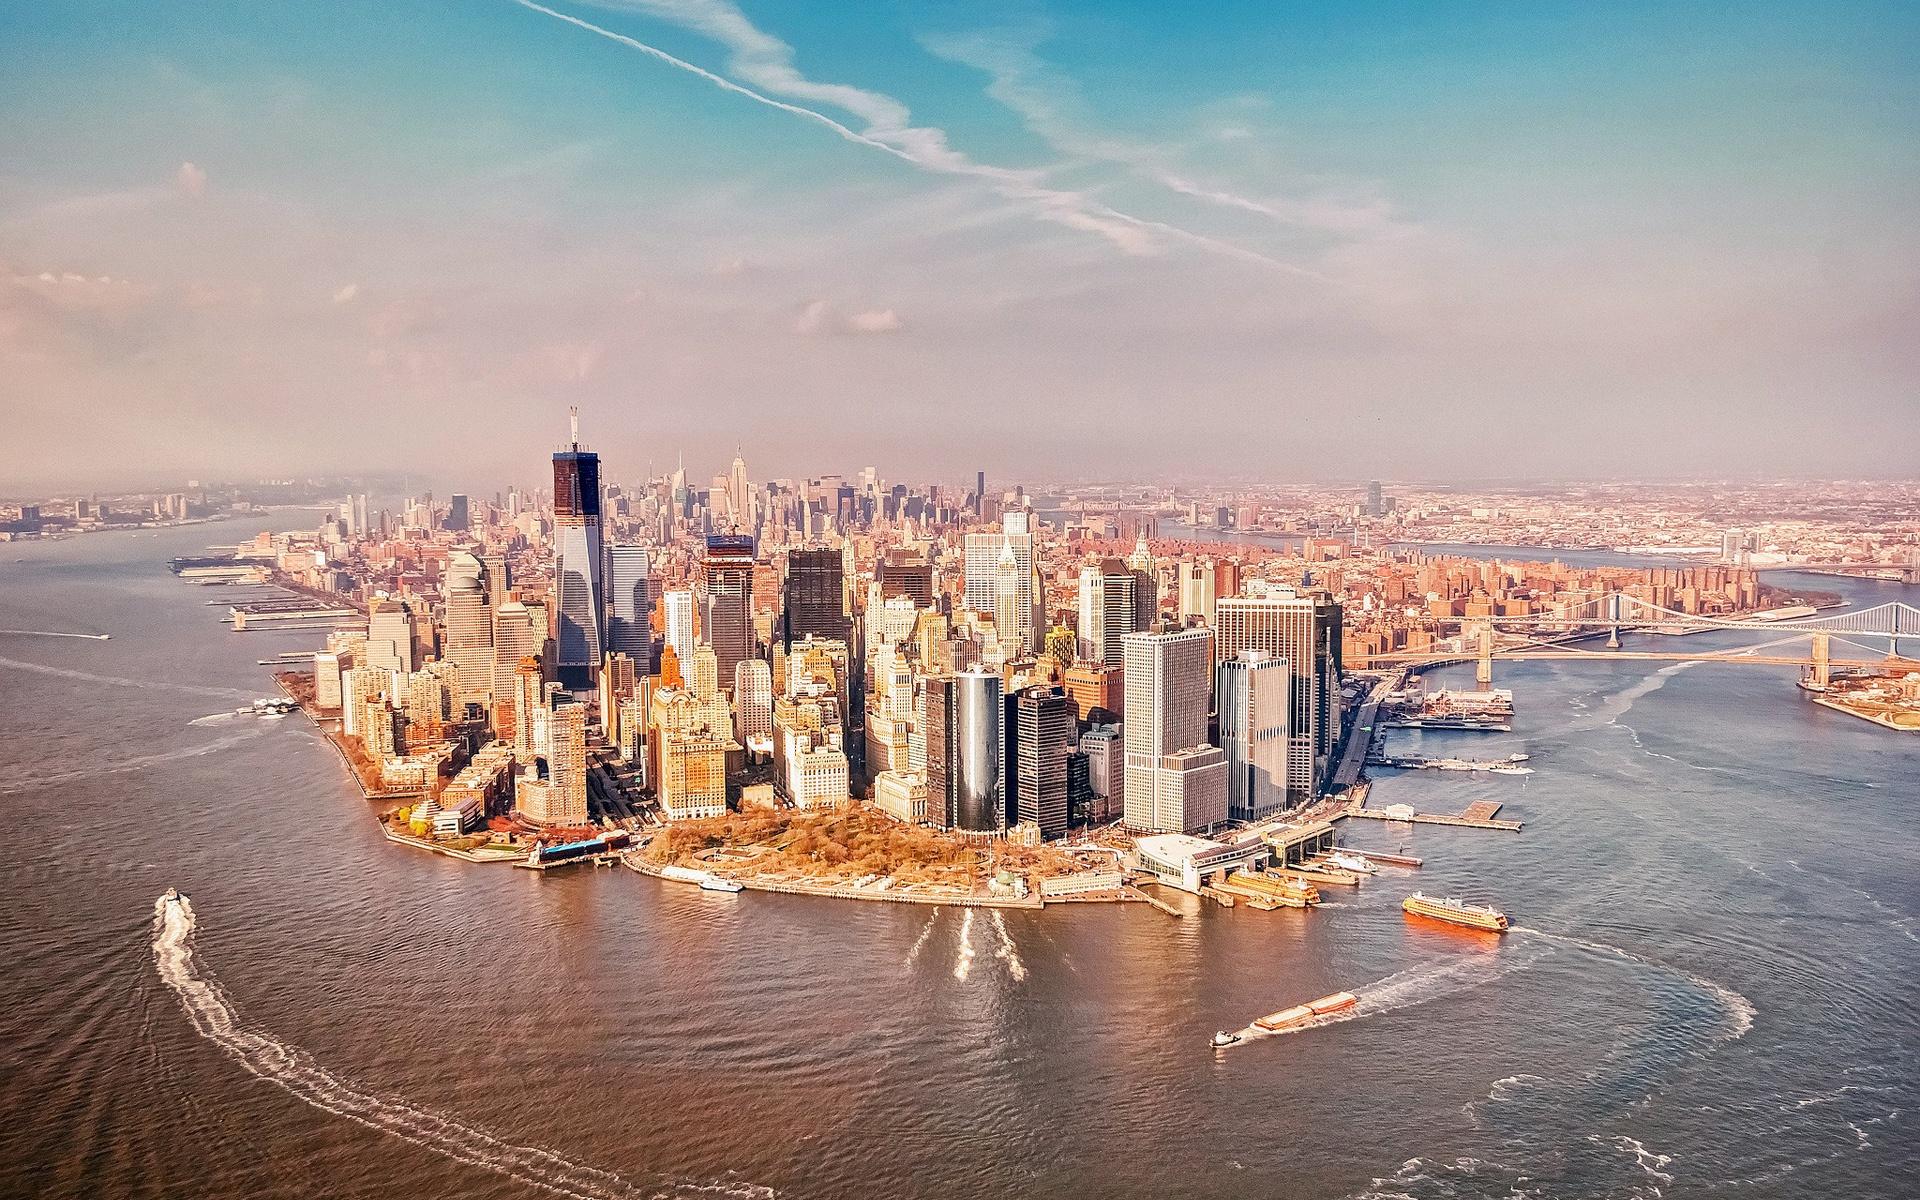 壁紙 アメリカ、ニューヨークマンハッタン 1920x1200 Hd 無料のデスクトップの背景 画像